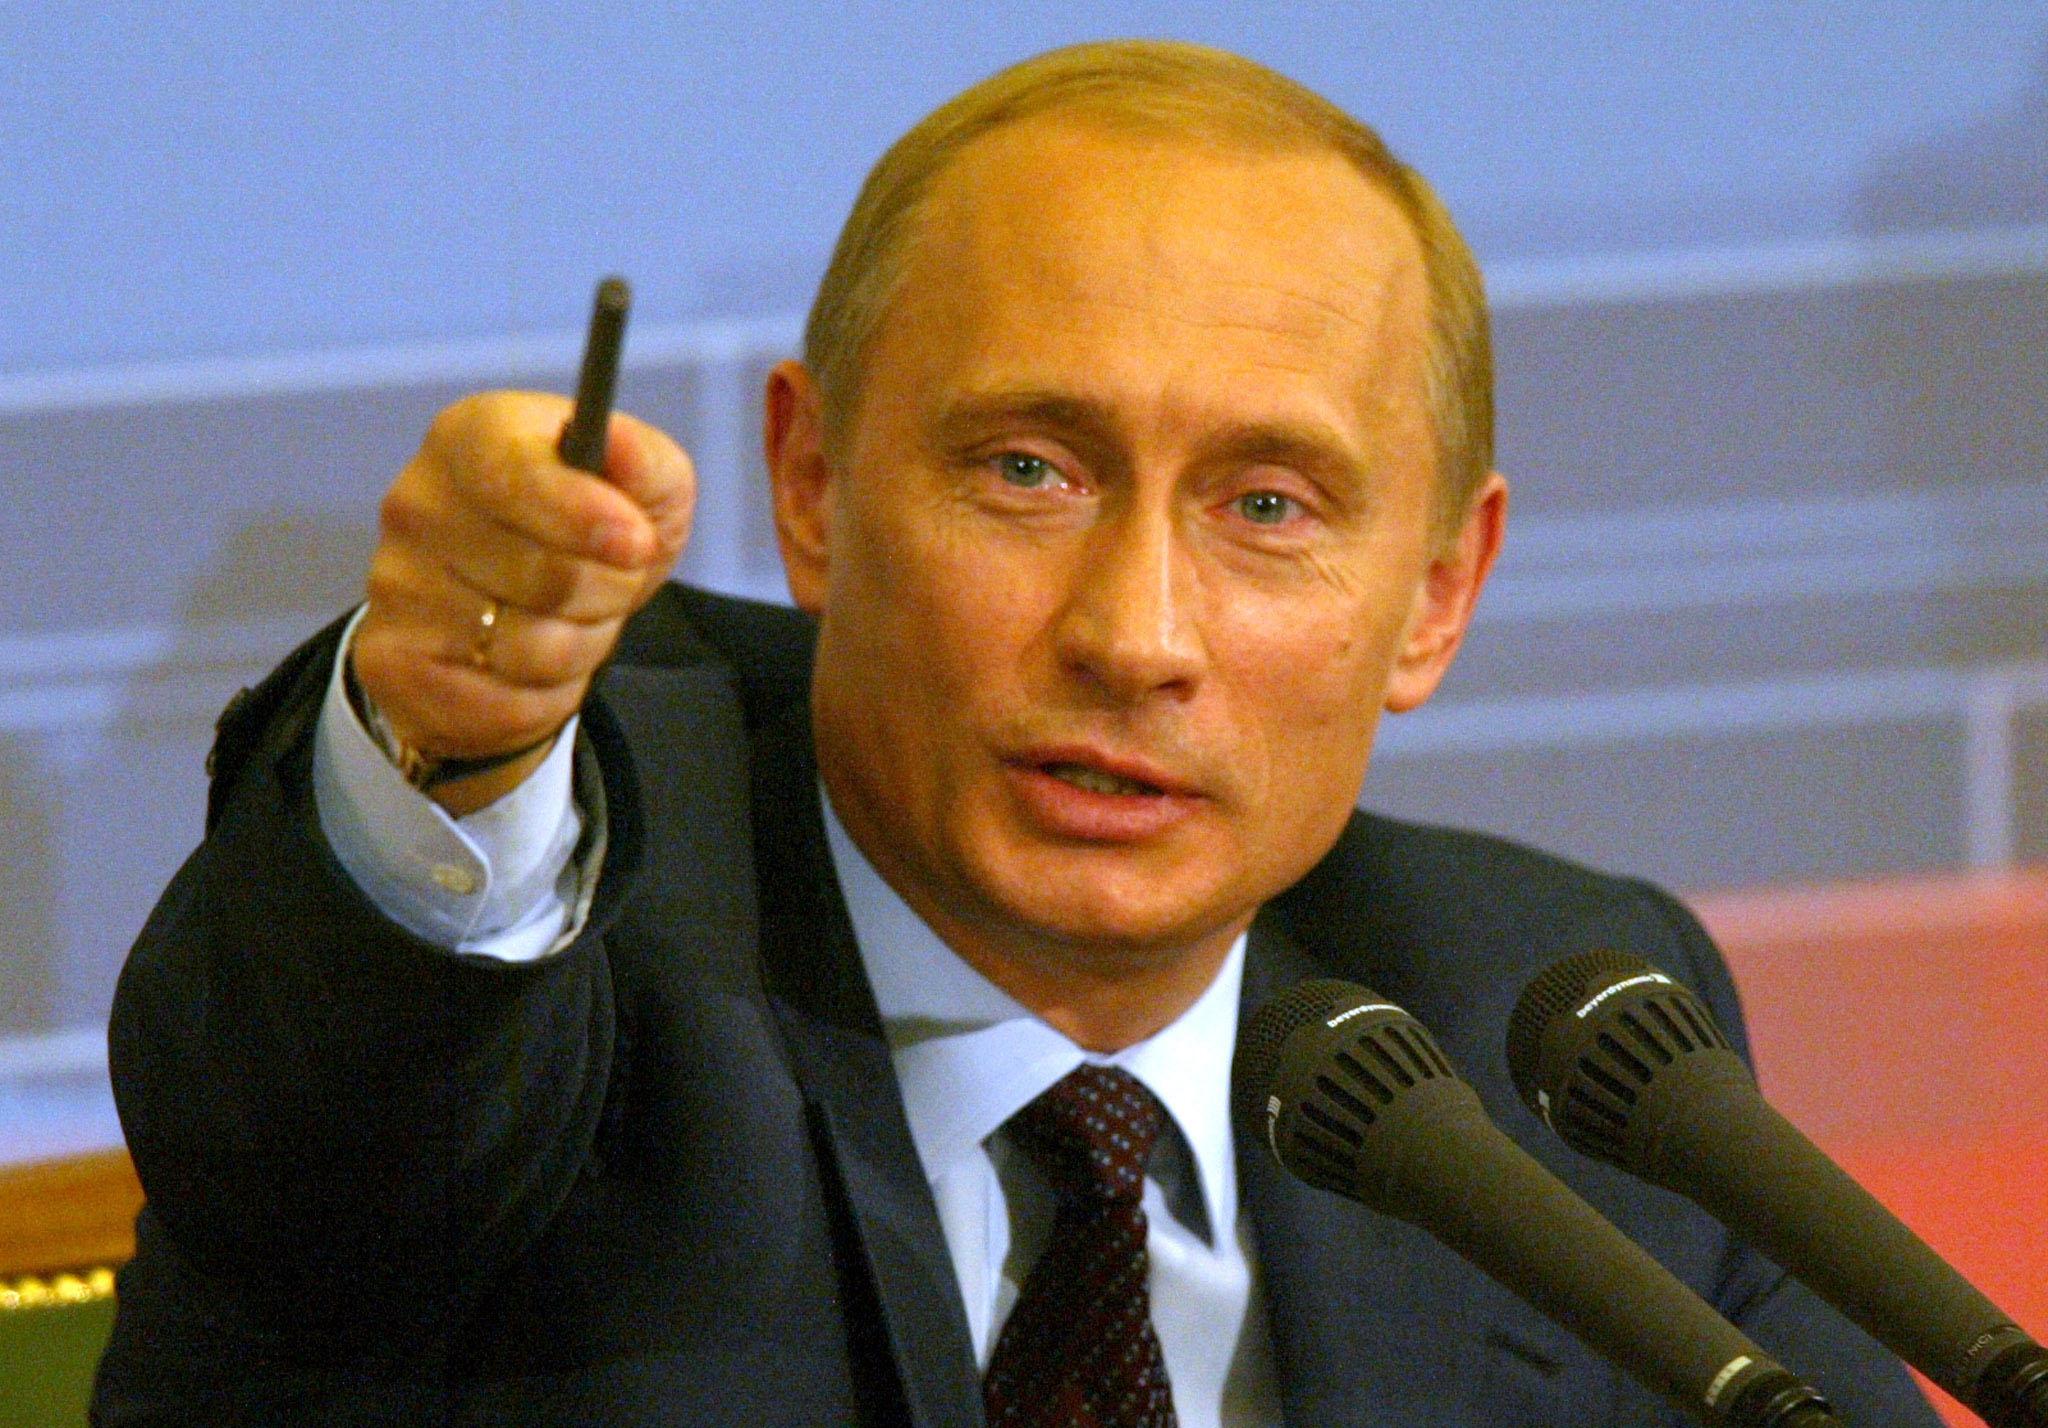 IMage: http://upload.wikimedia.org/wikipedia/commons/c/cf/Vladimir_Putin-6.jpg